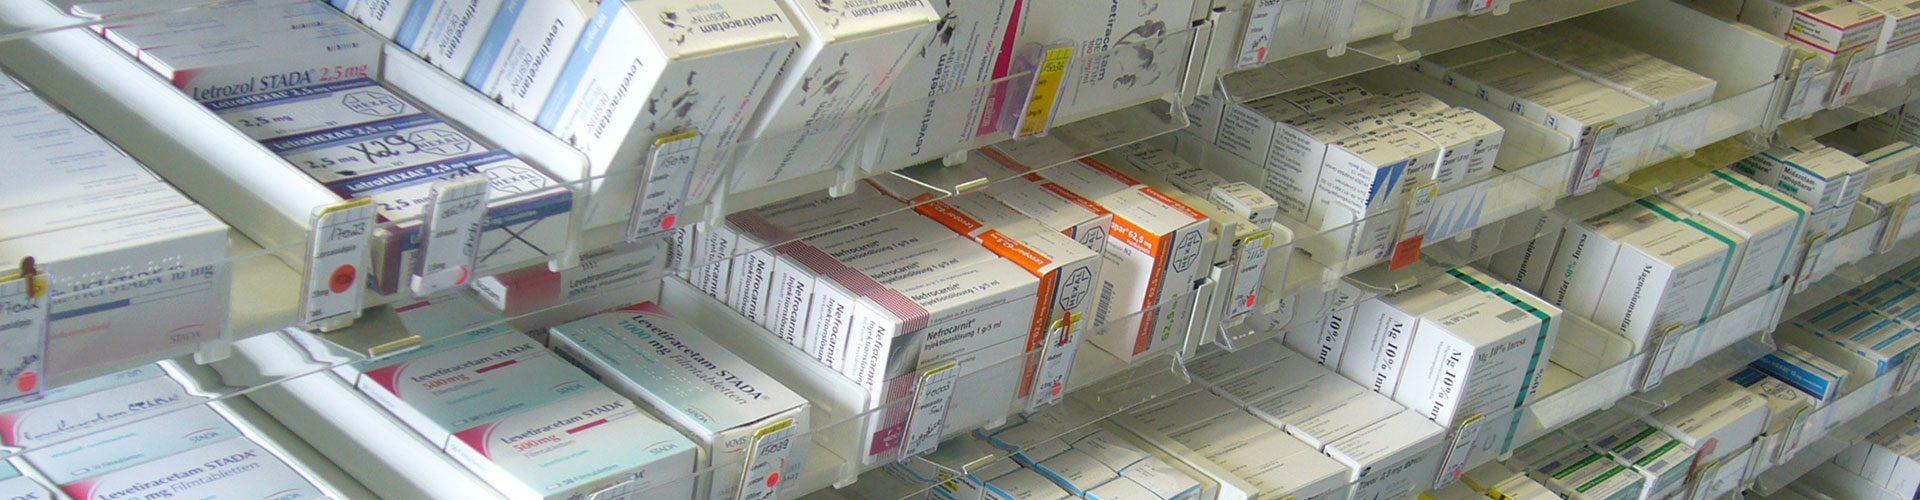 Medikamente des akademischen Lehrkrankenhauses